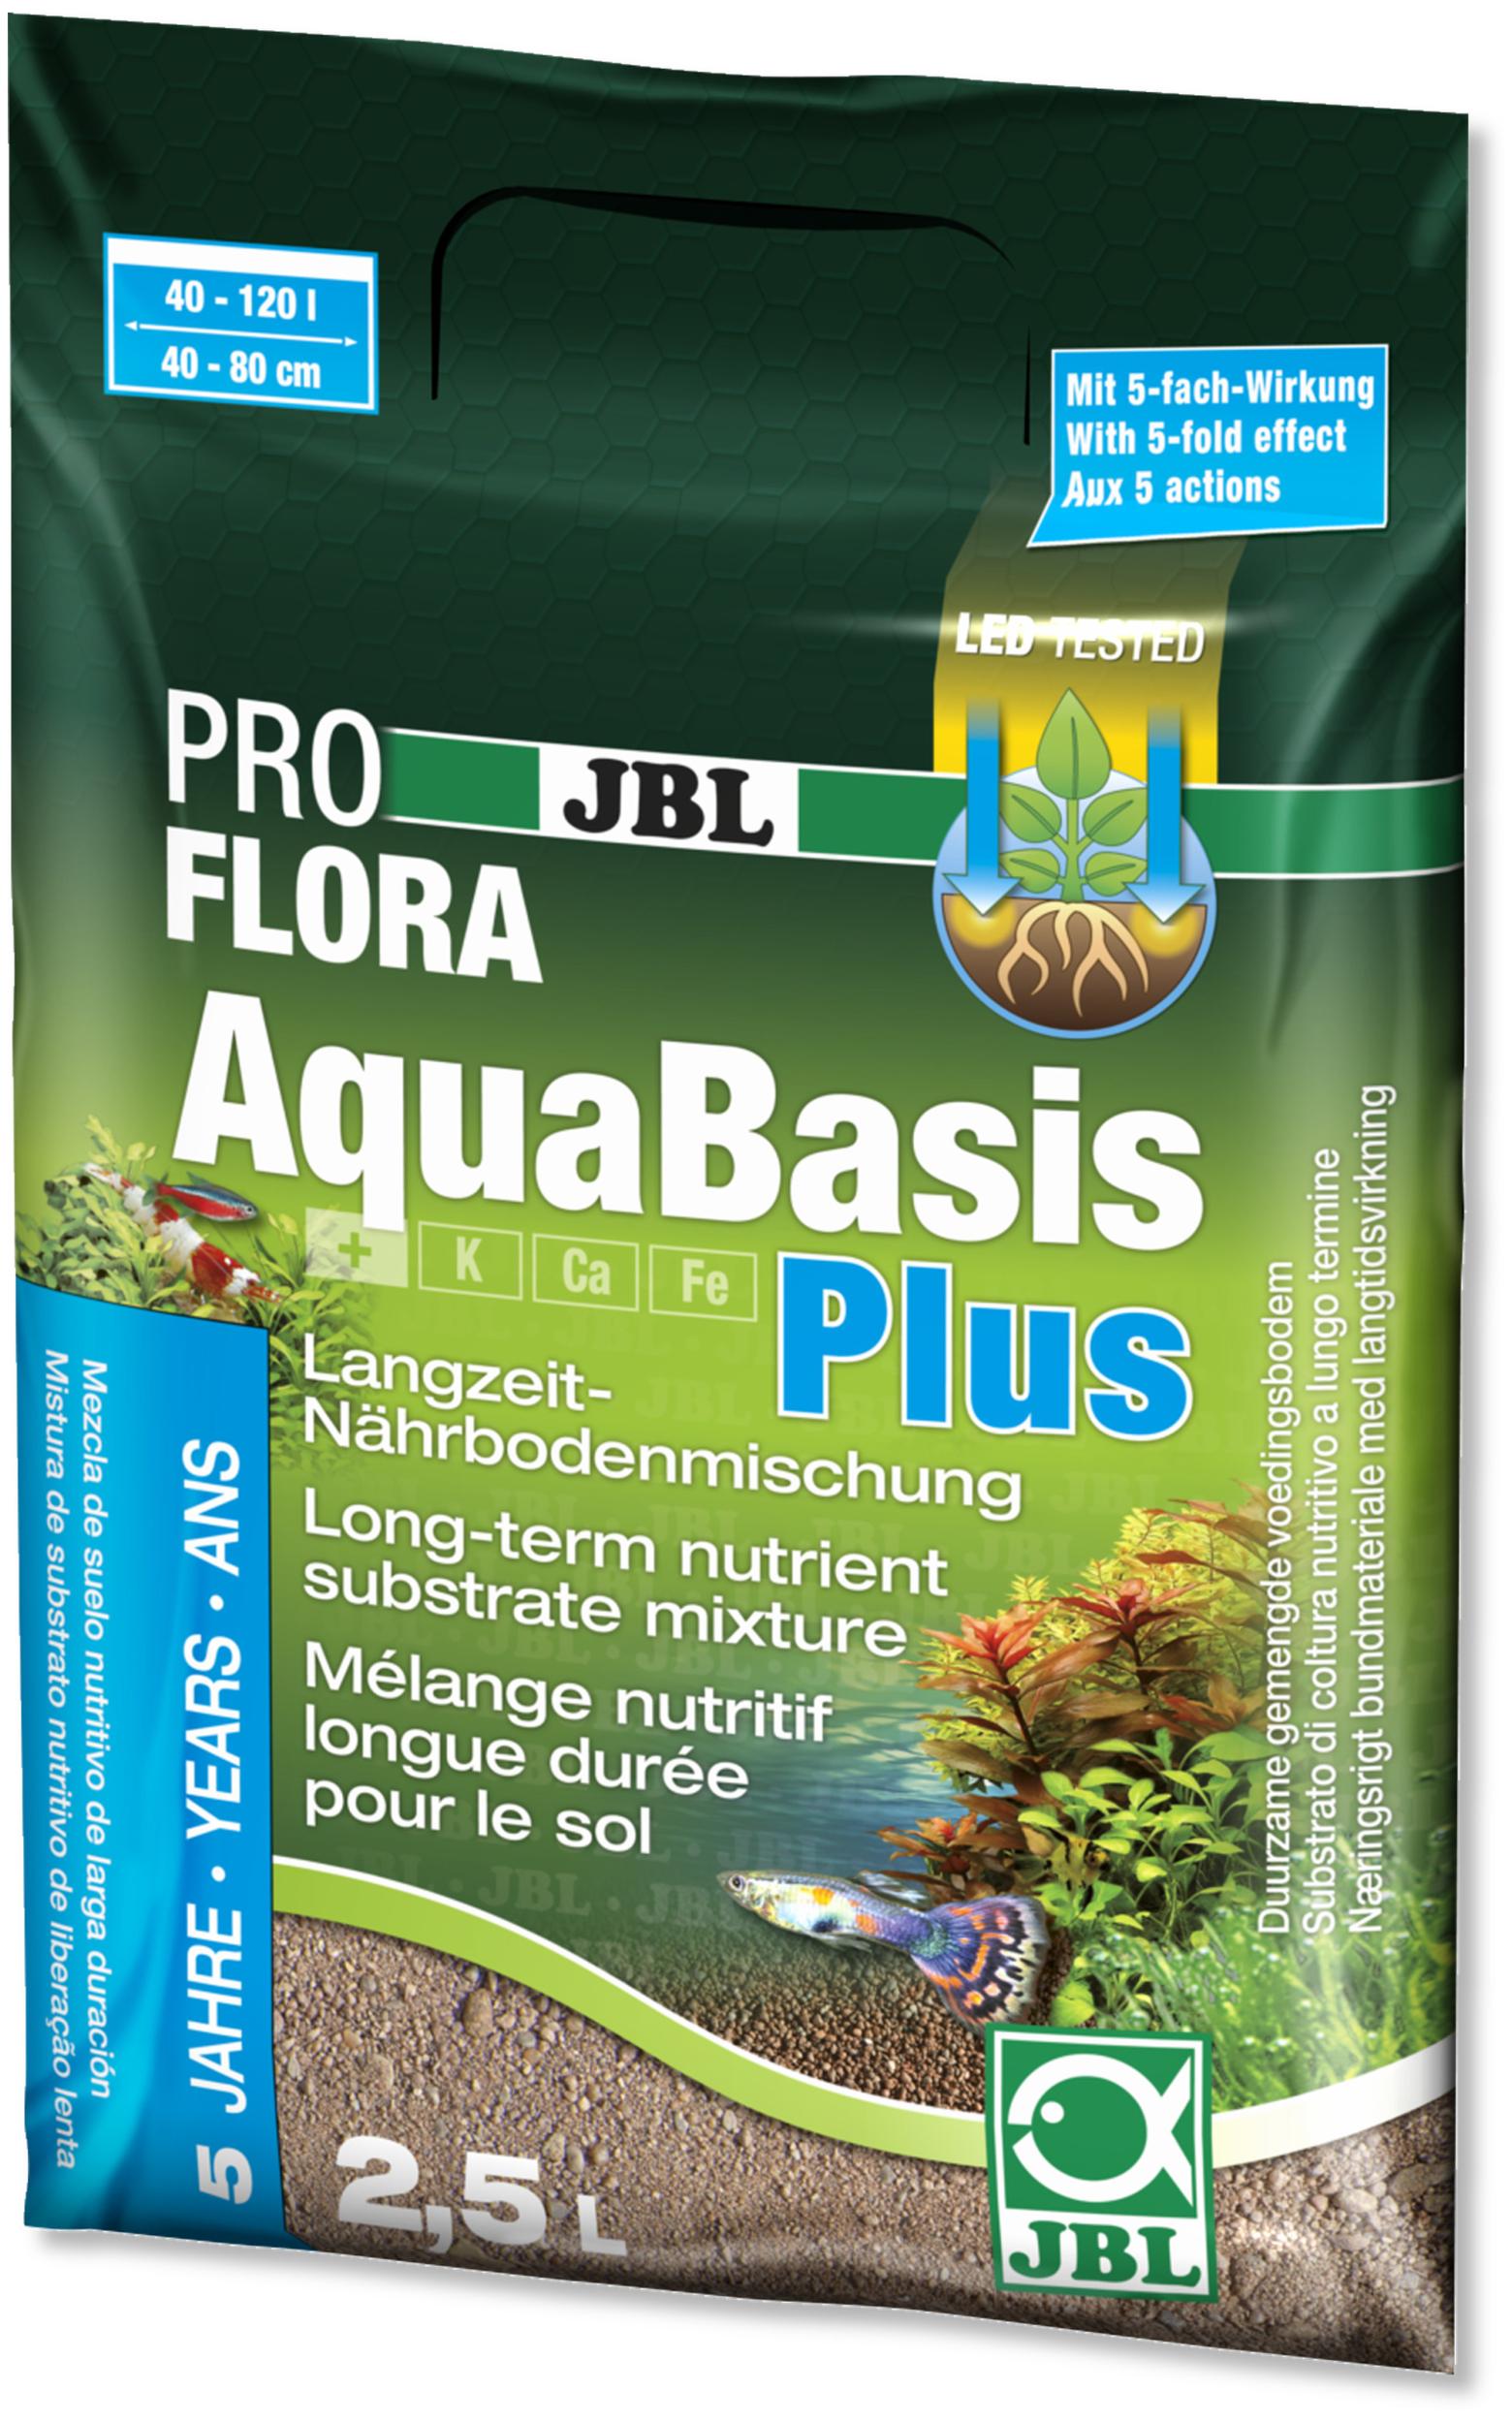 Jbl proflora aquabasis plus 2 5 l substrat nutritif pour for Substrat pour aquarium